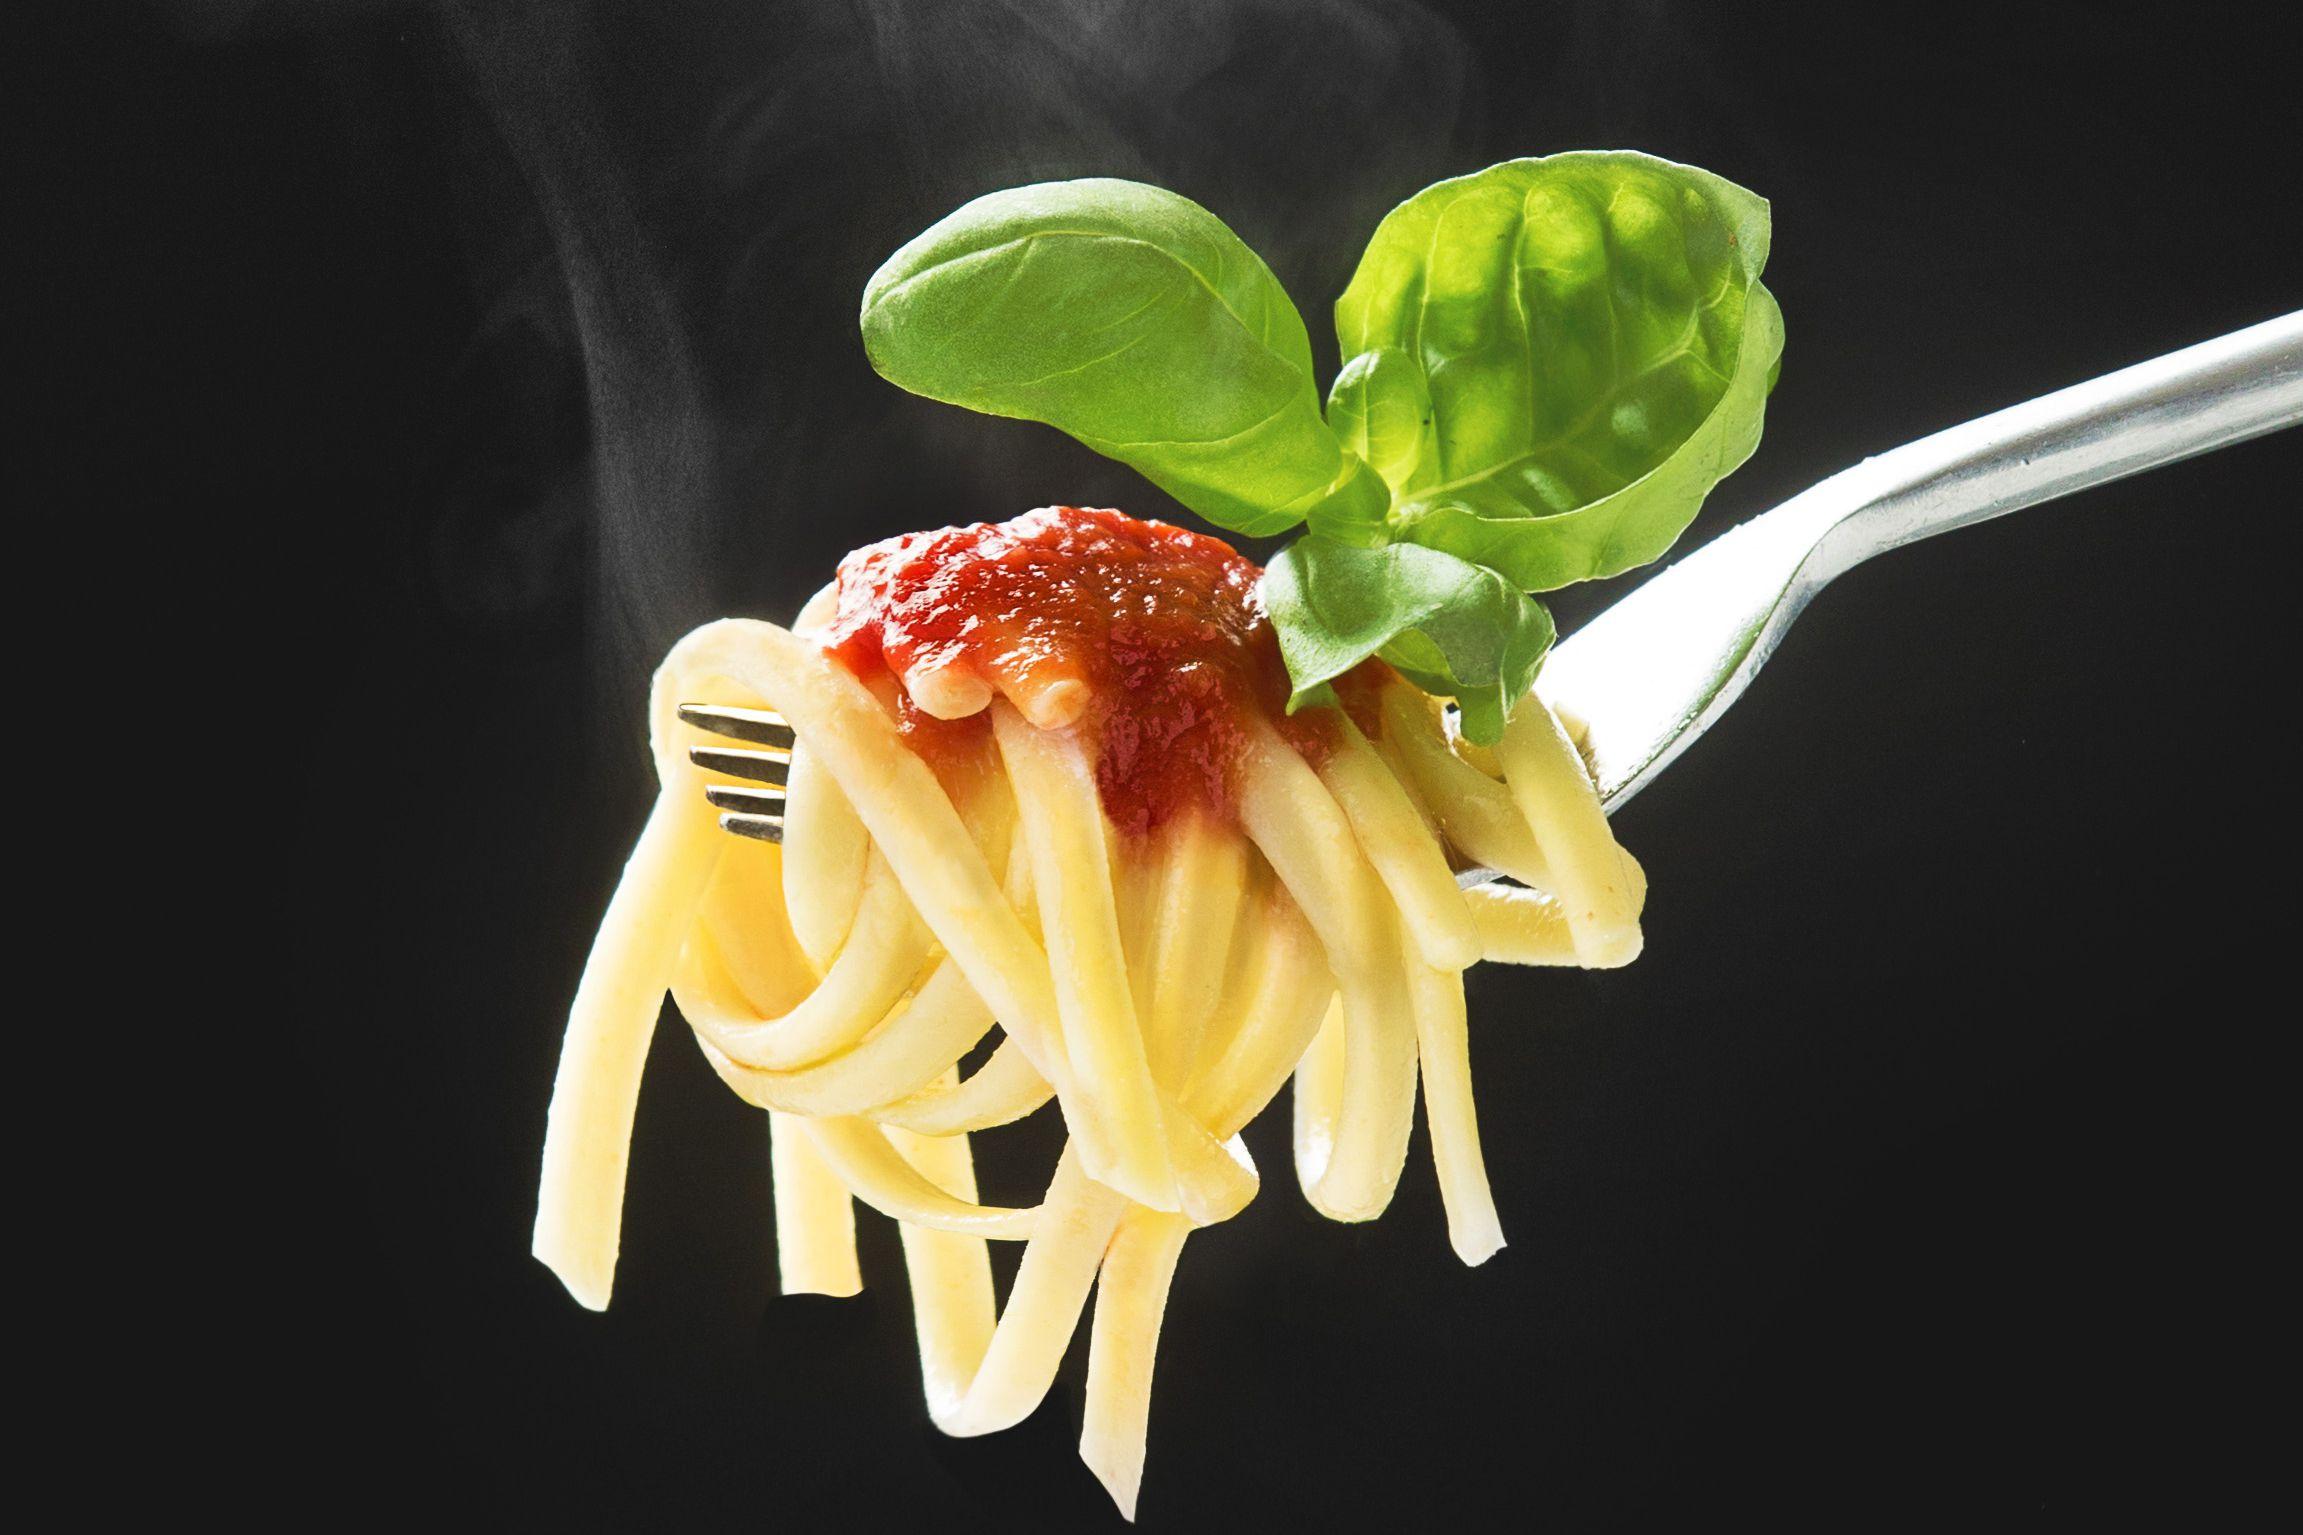 Capellini pomodoro olive garden copycat recipe for Olive garden capellini pomodoro